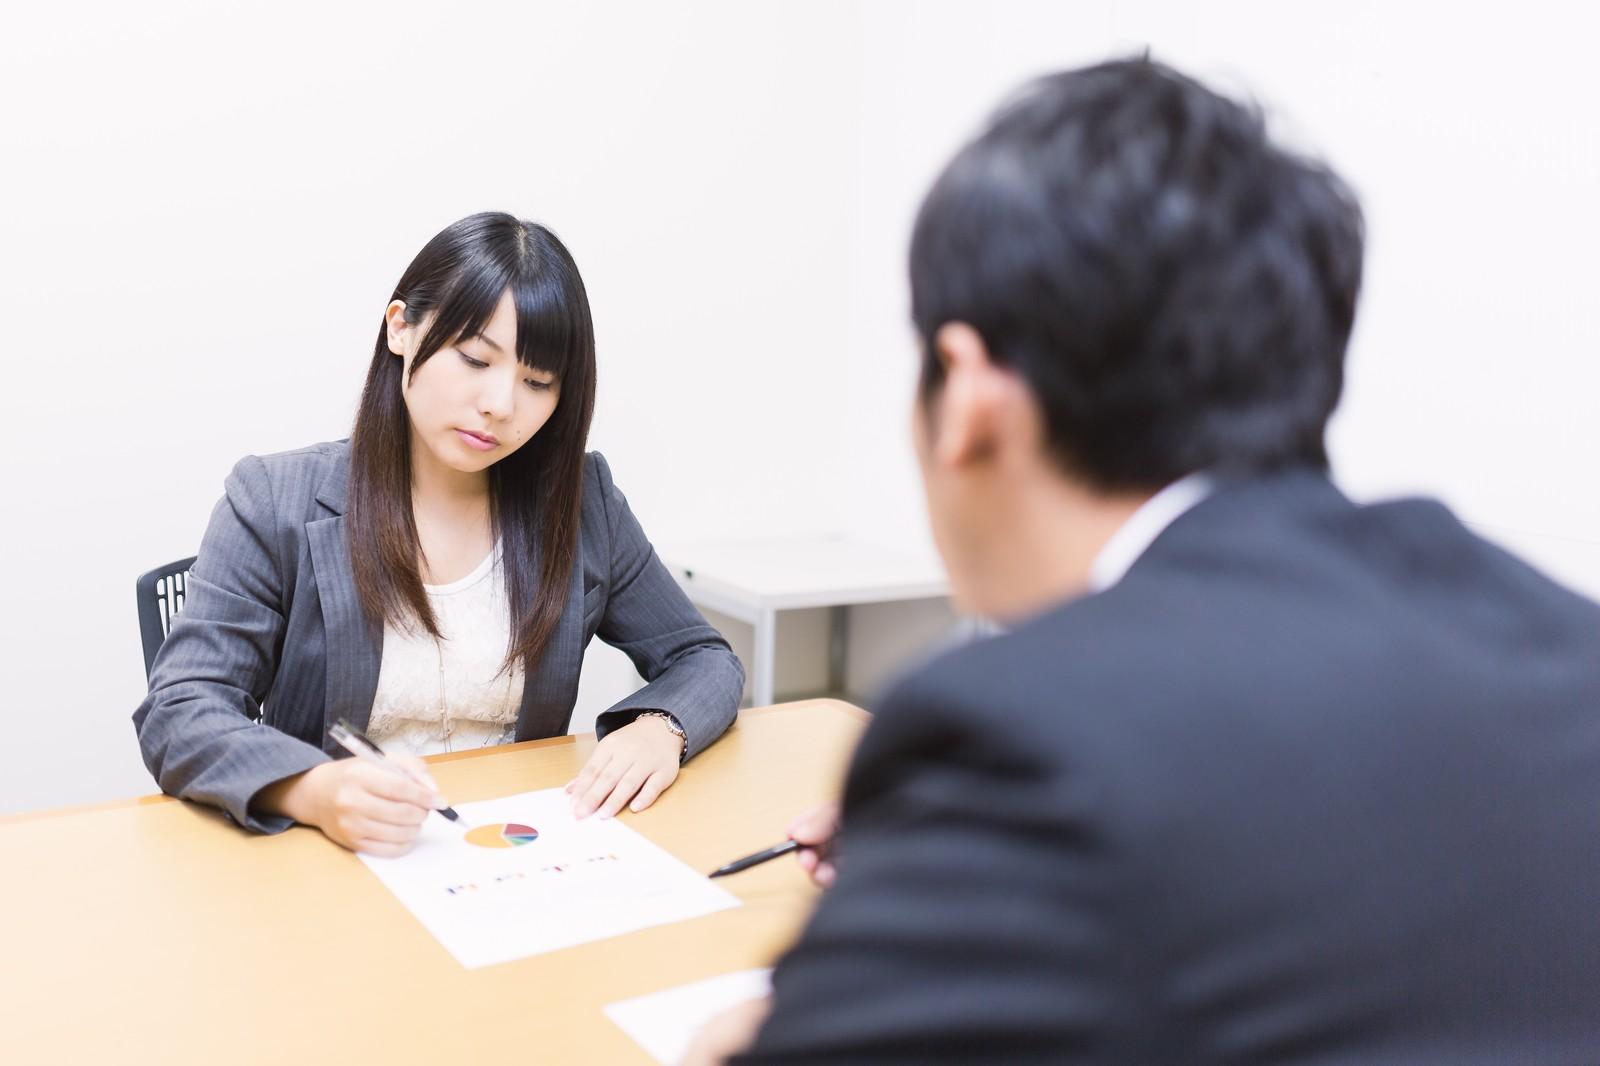 採用担当者の視点からエンジニアの転職事情を徹底解説